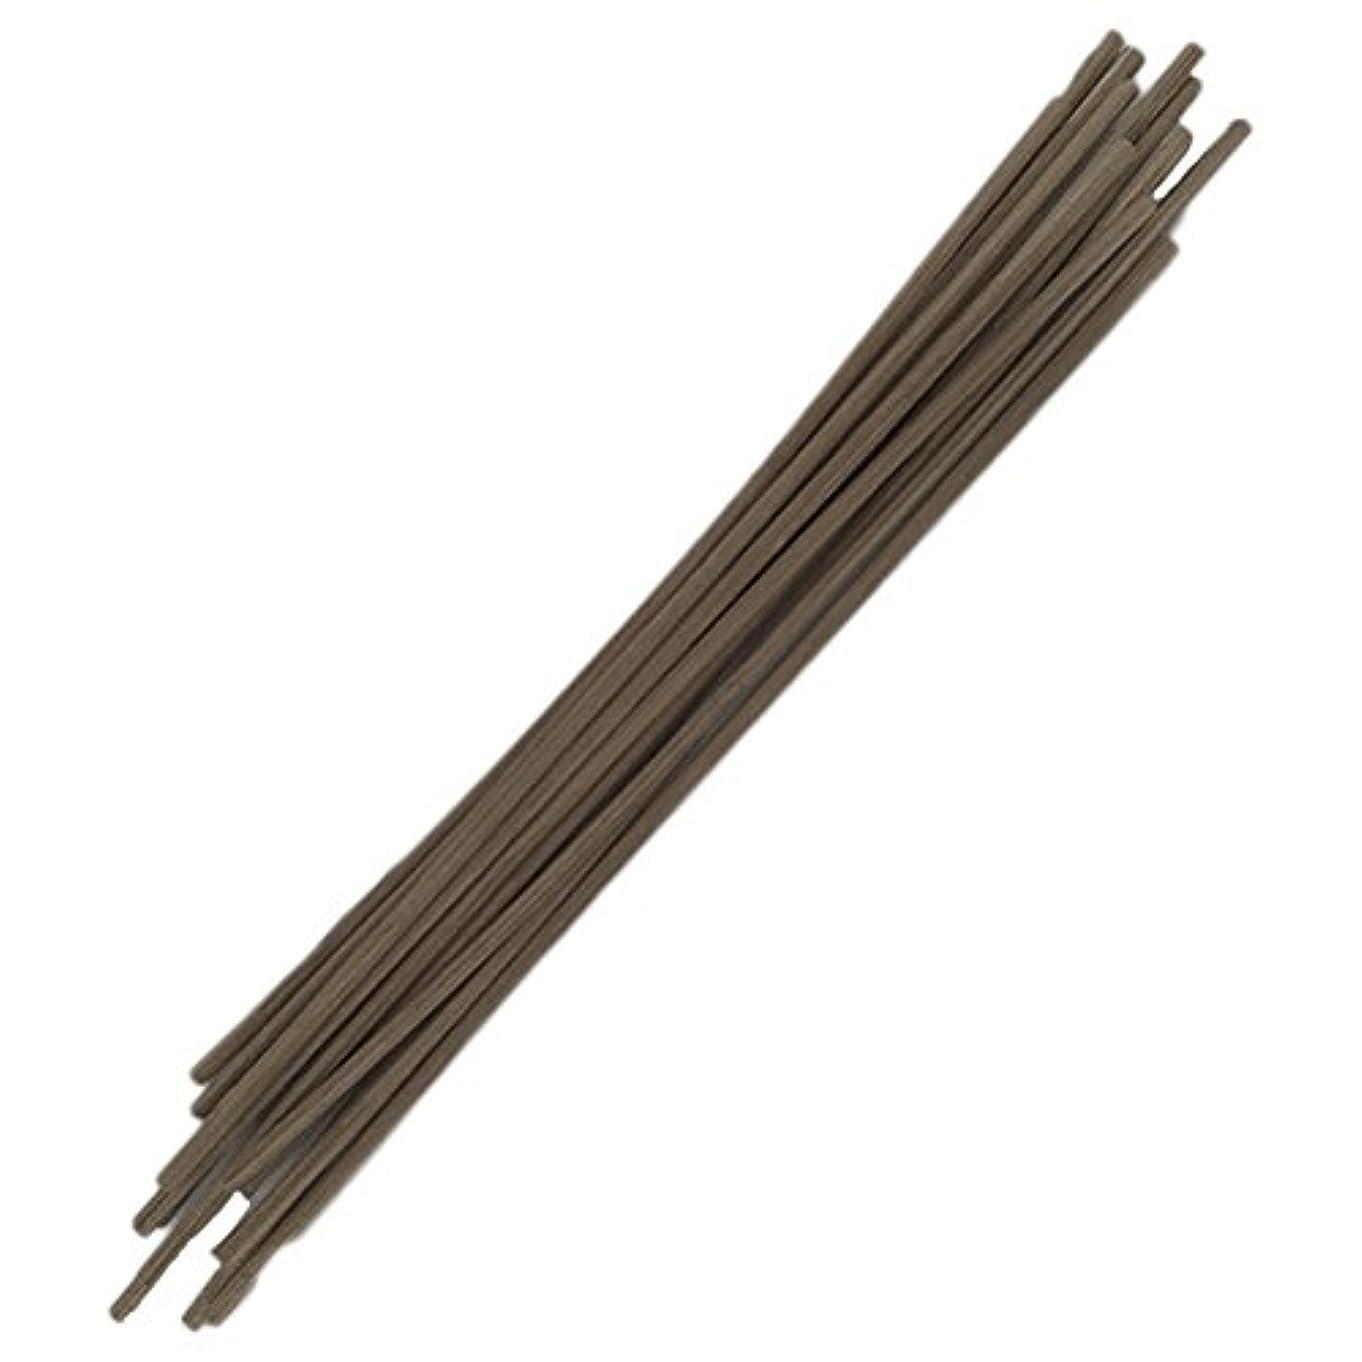 ブラウンハッチ生産性Healifty 30pcs籐のリードは自然の香りのリードのディフューザーのアロマオイルディフューザー籐25センチメートルスティック